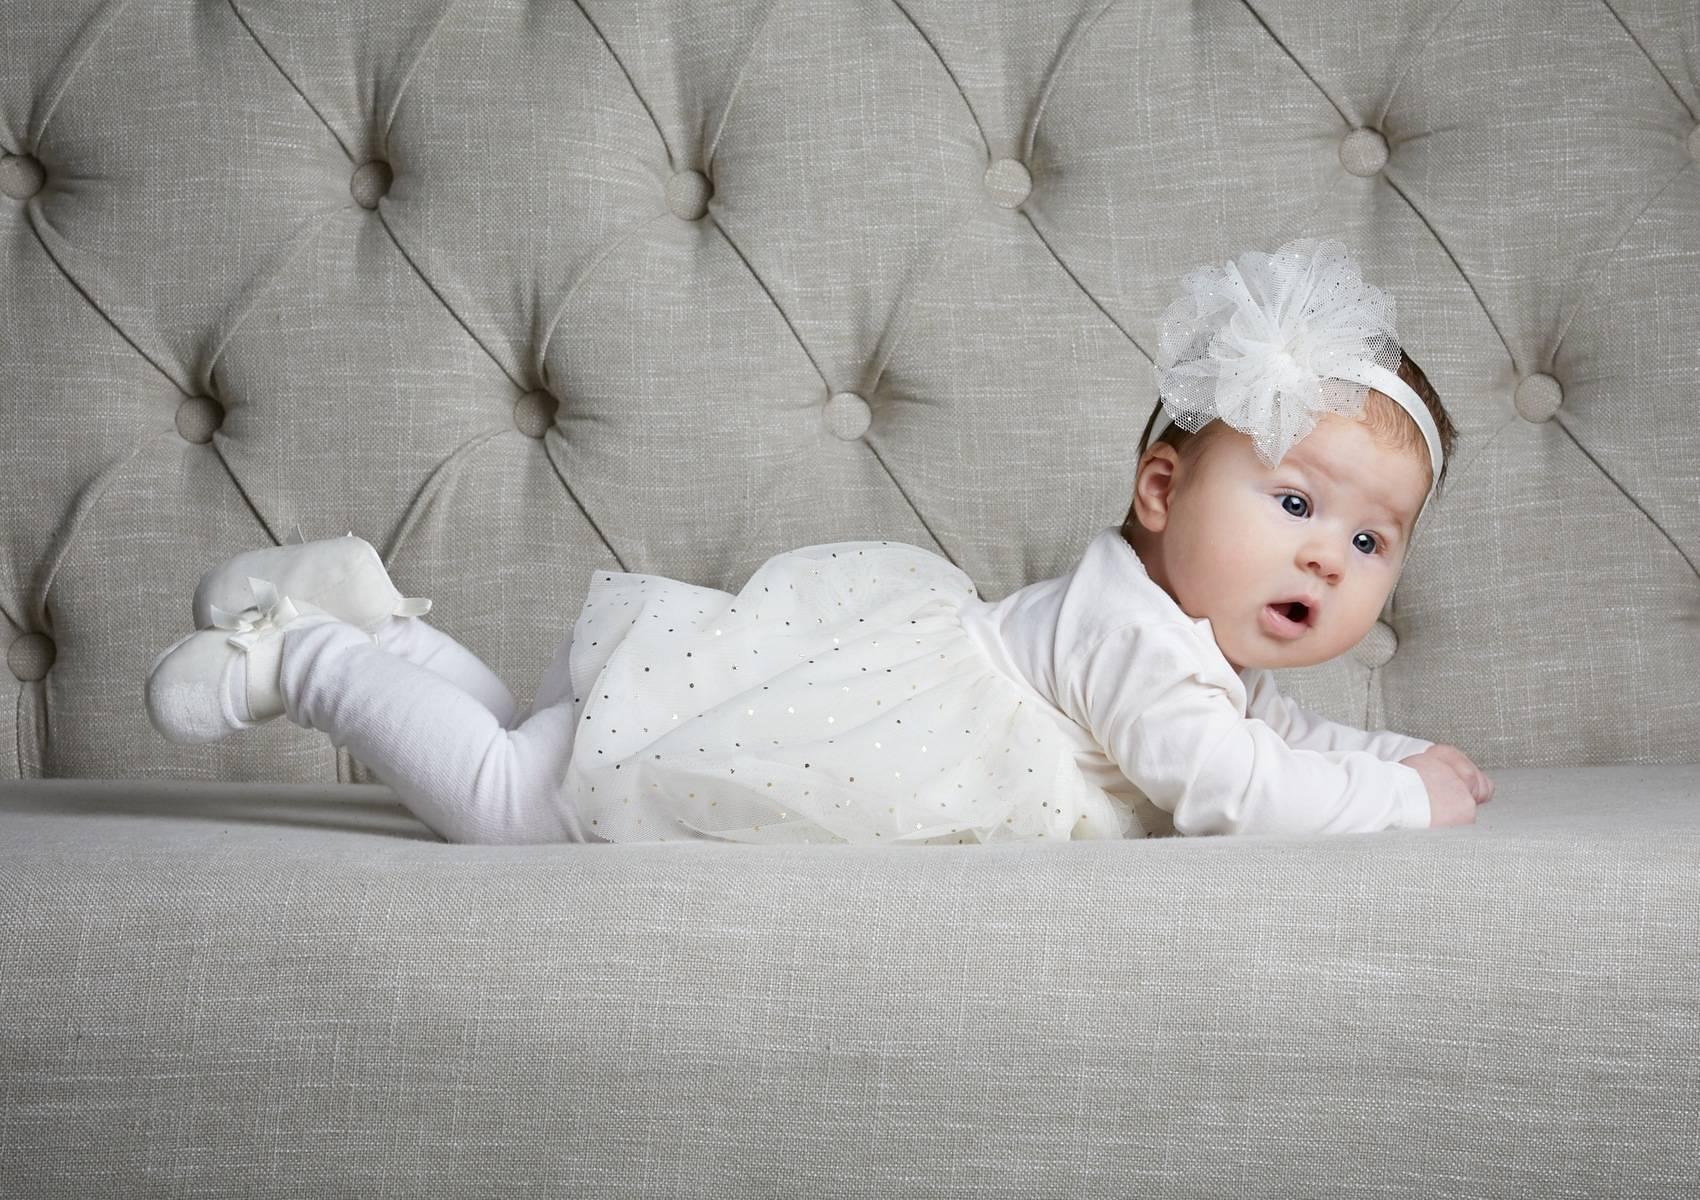 Первые дни после родов – питание роженицы и уход за новорожденным в роддоме